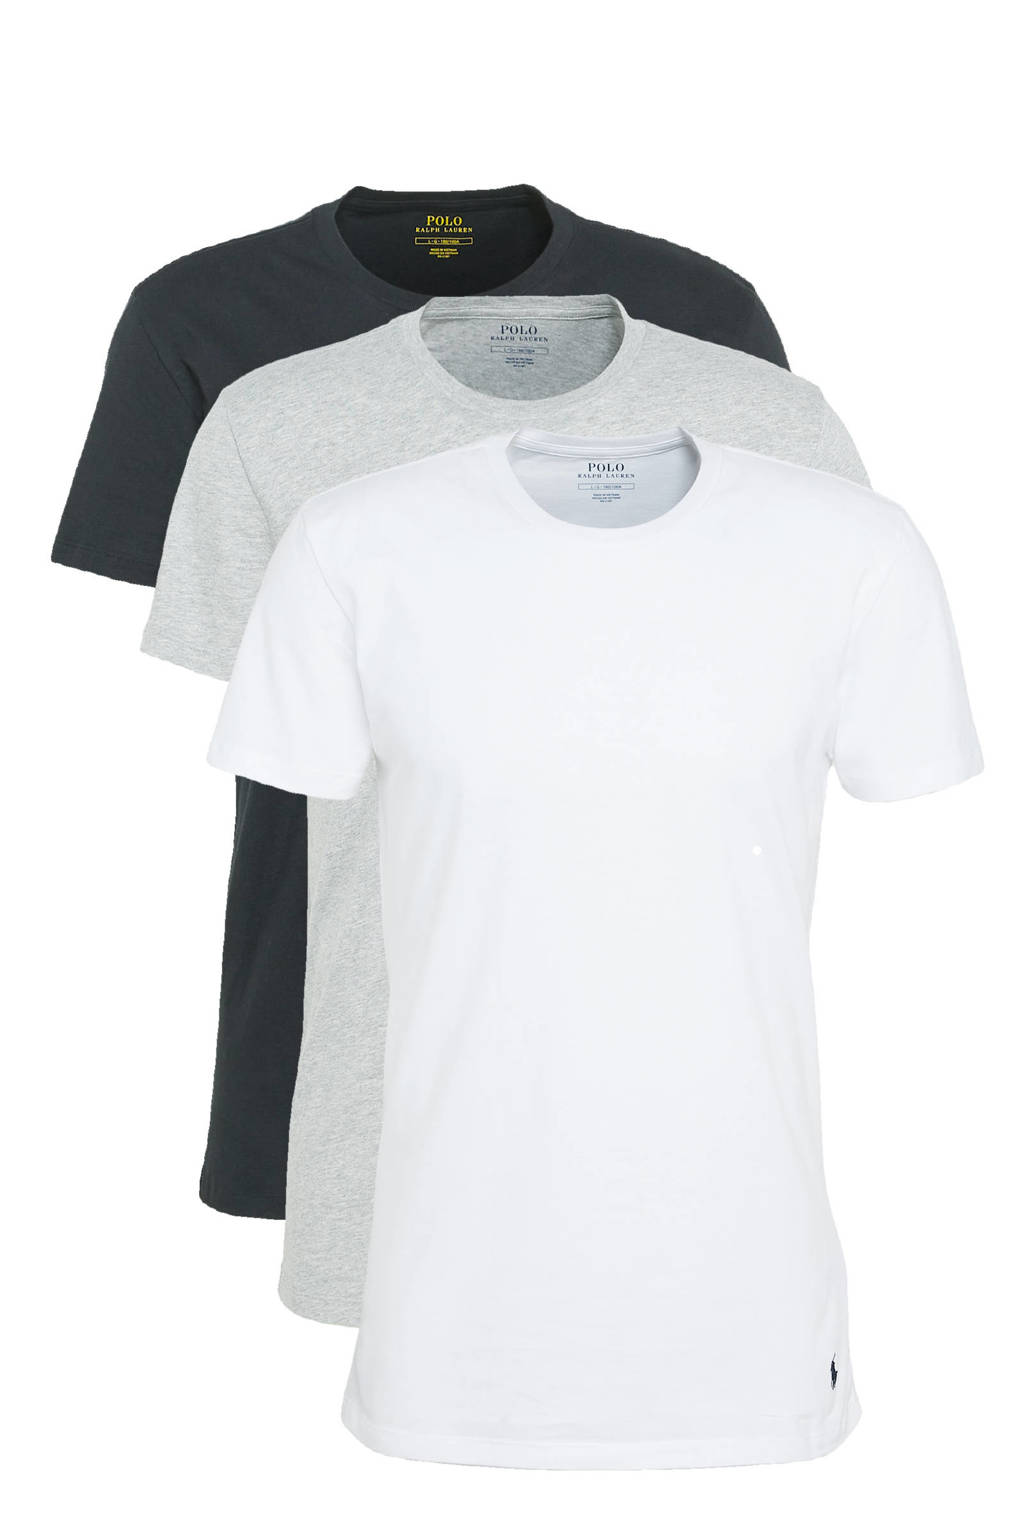 POLO Ralph Lauren T-shirt (set van 3), Wit/zwart/grijs